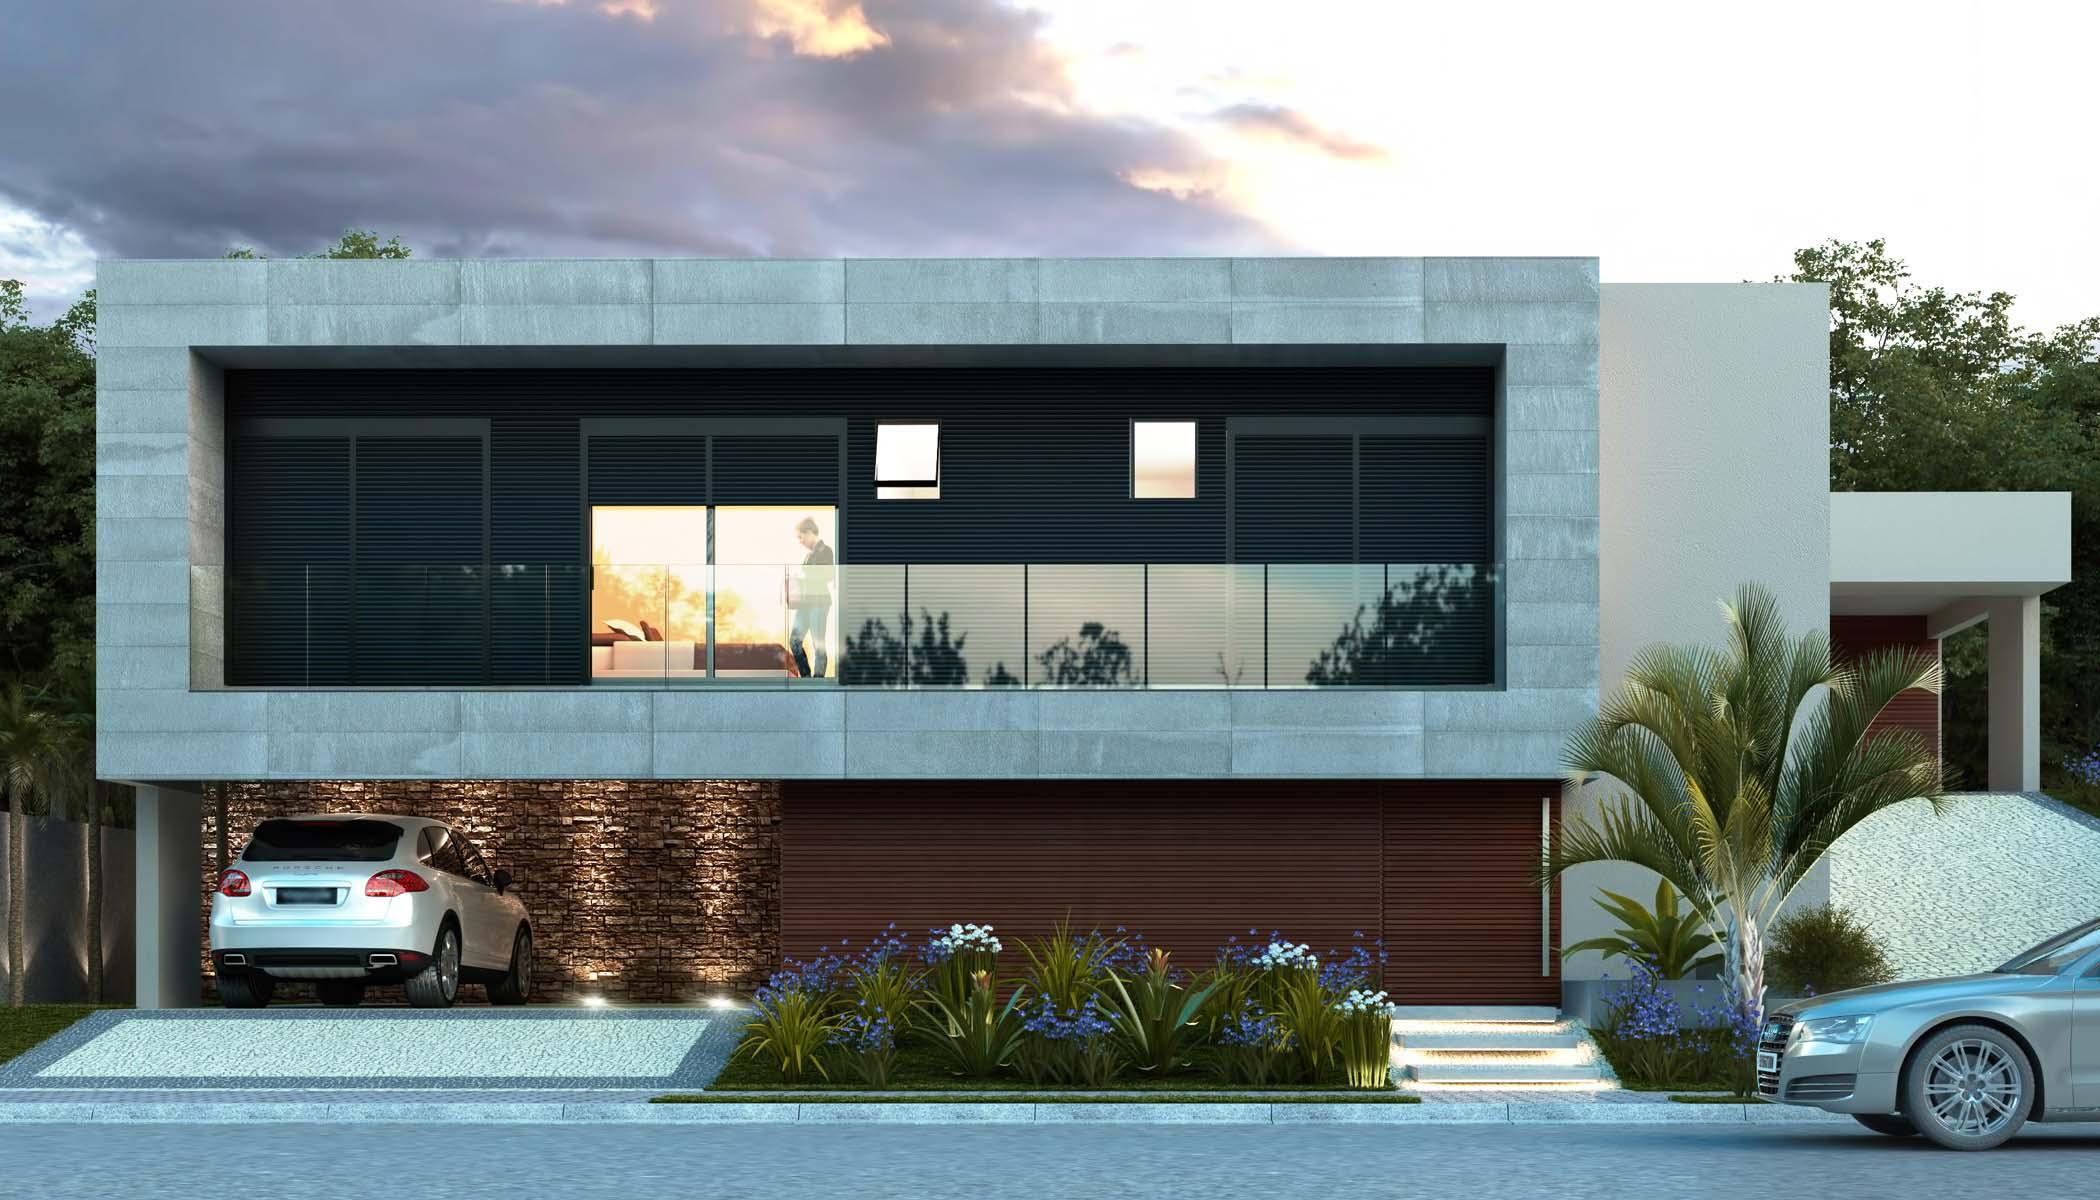 projetos-em-3Dmaquete-3dilustração-artisticafachada-residencial-empreendimento